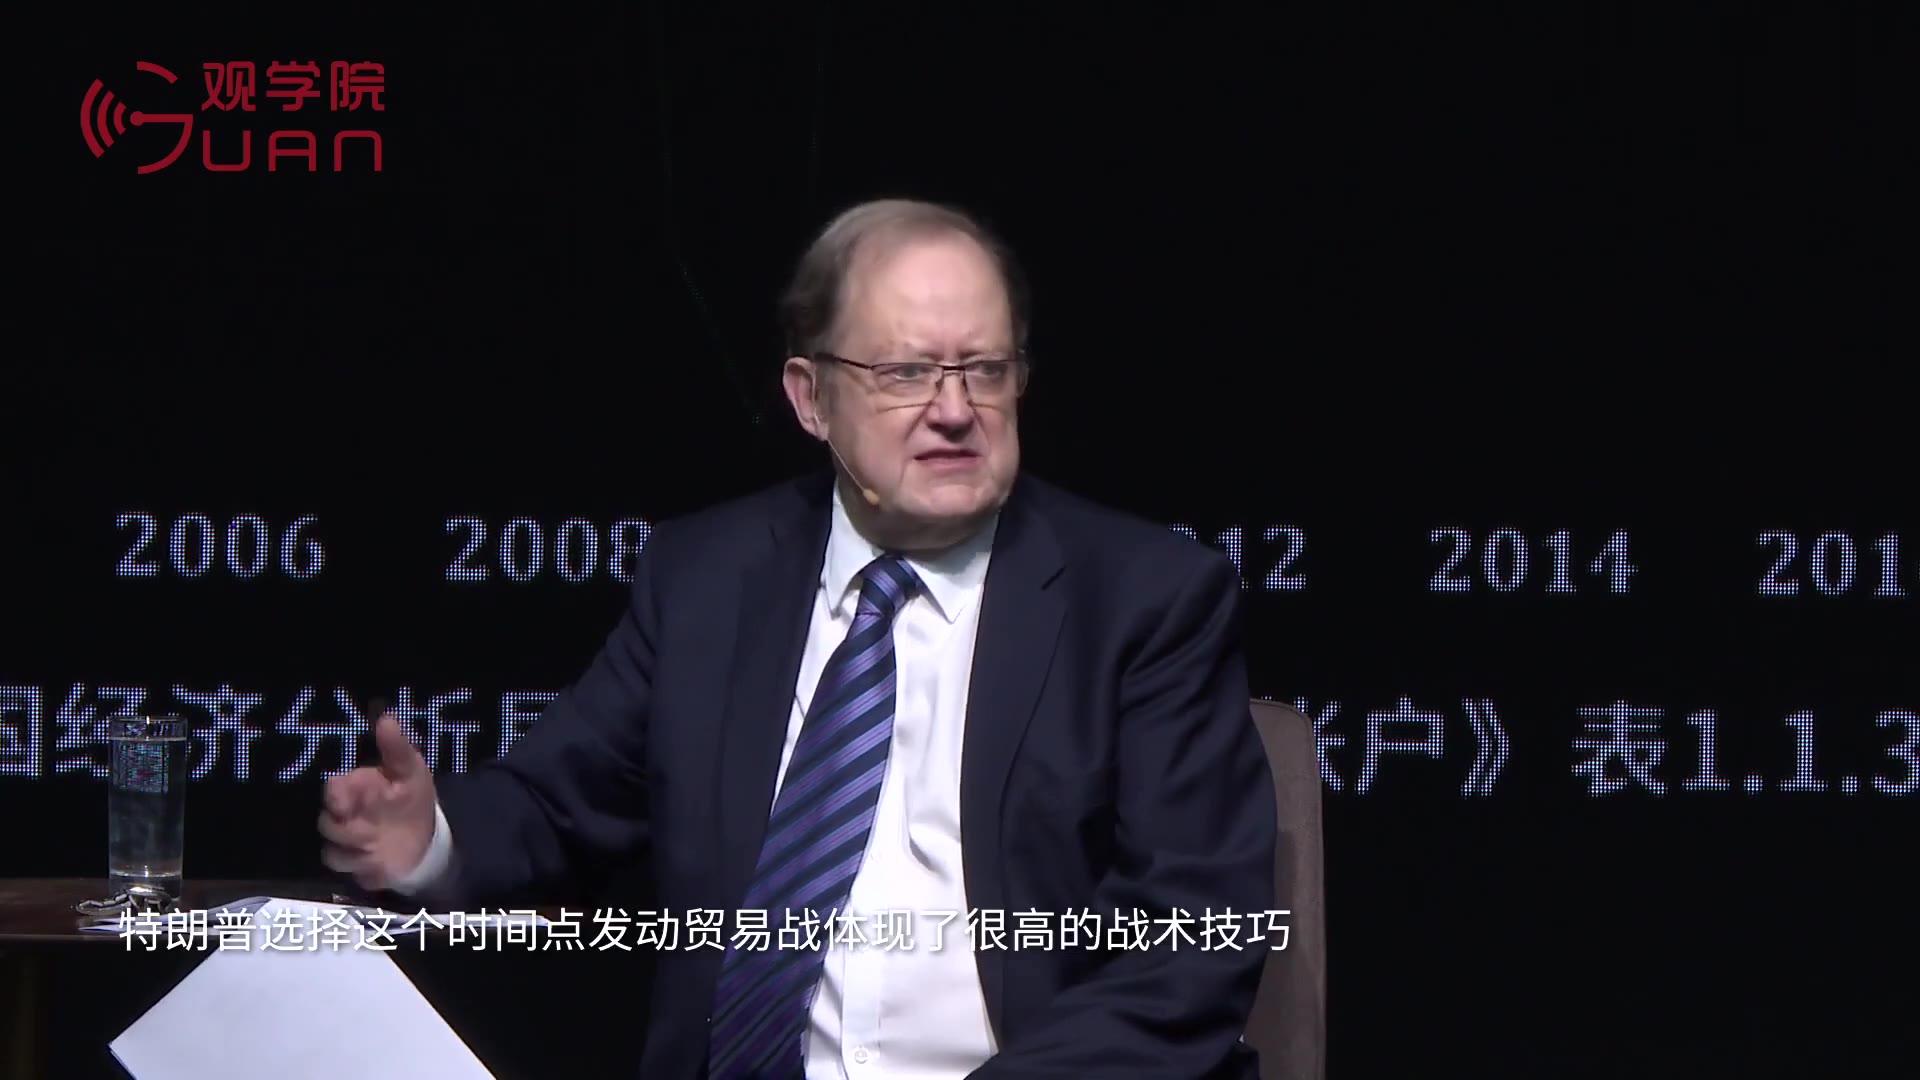 罗思义:过去特朗普干预英国脱欧图啥?因为对中国影响非常大!